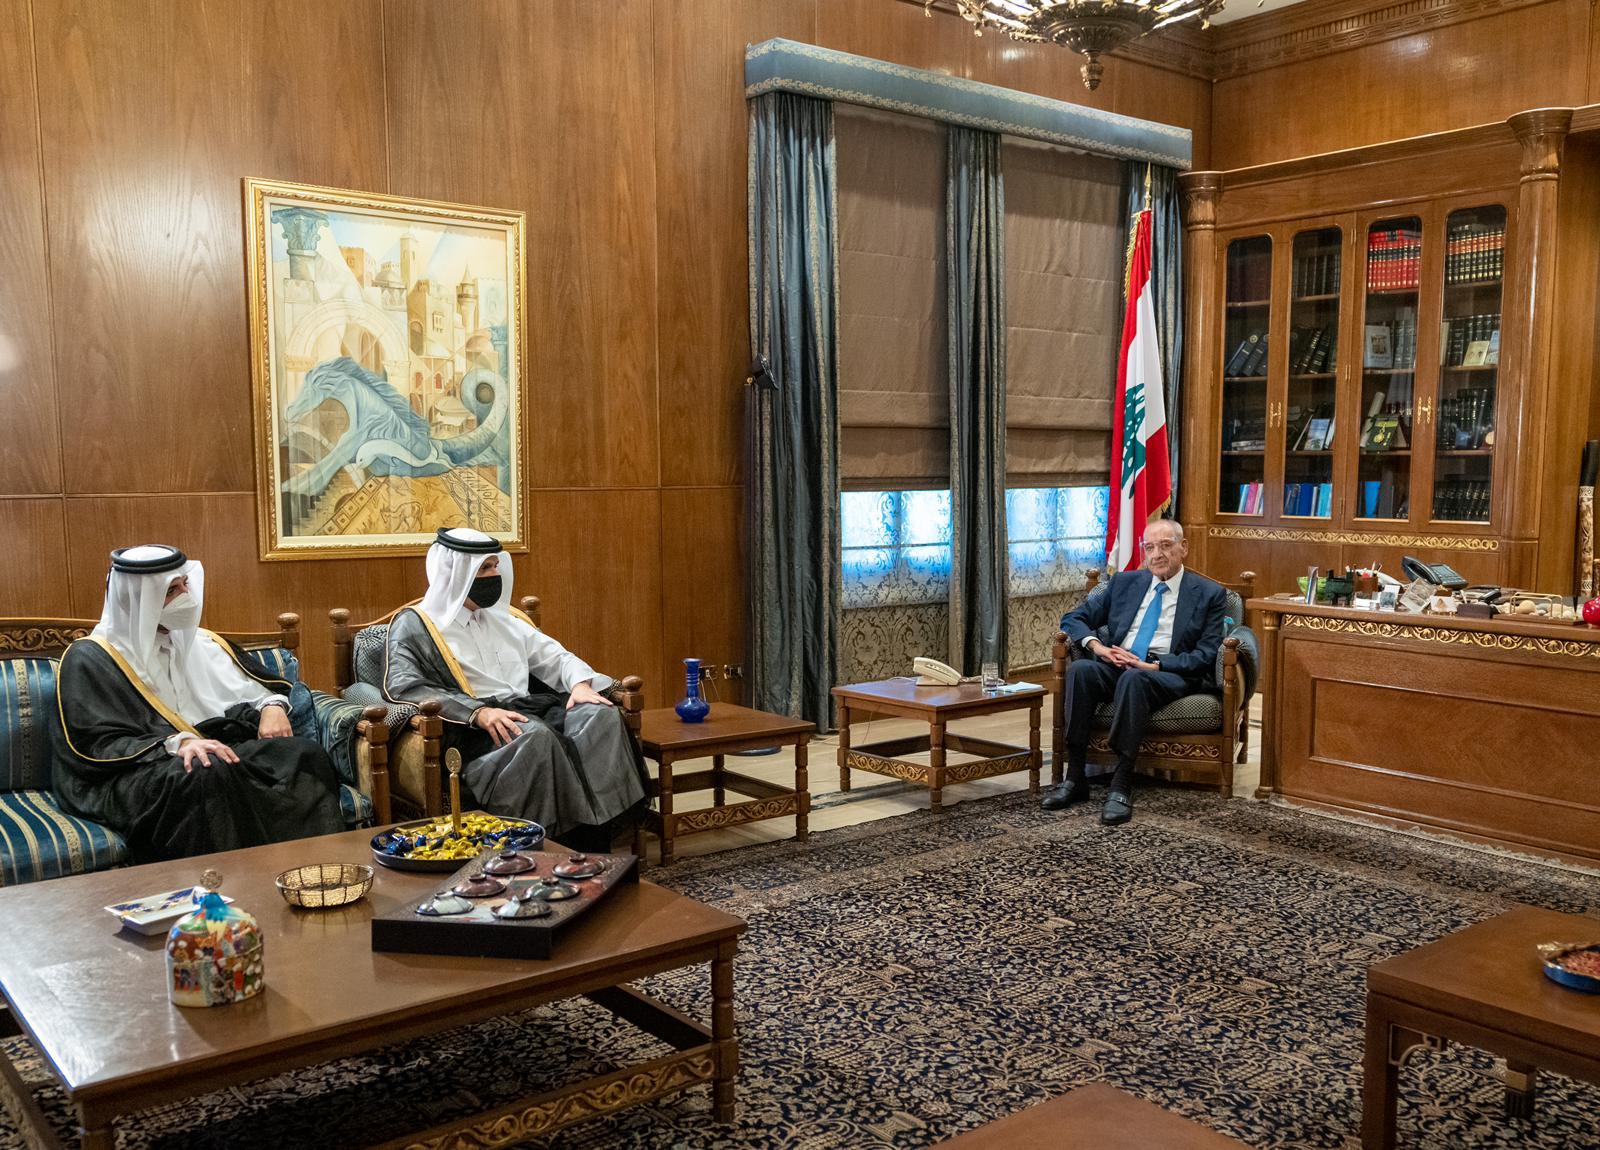 رئيس مجلس النواب اللبناني يجتمع مع نائب رئيس مجلس الوزراء وزير الخارجية